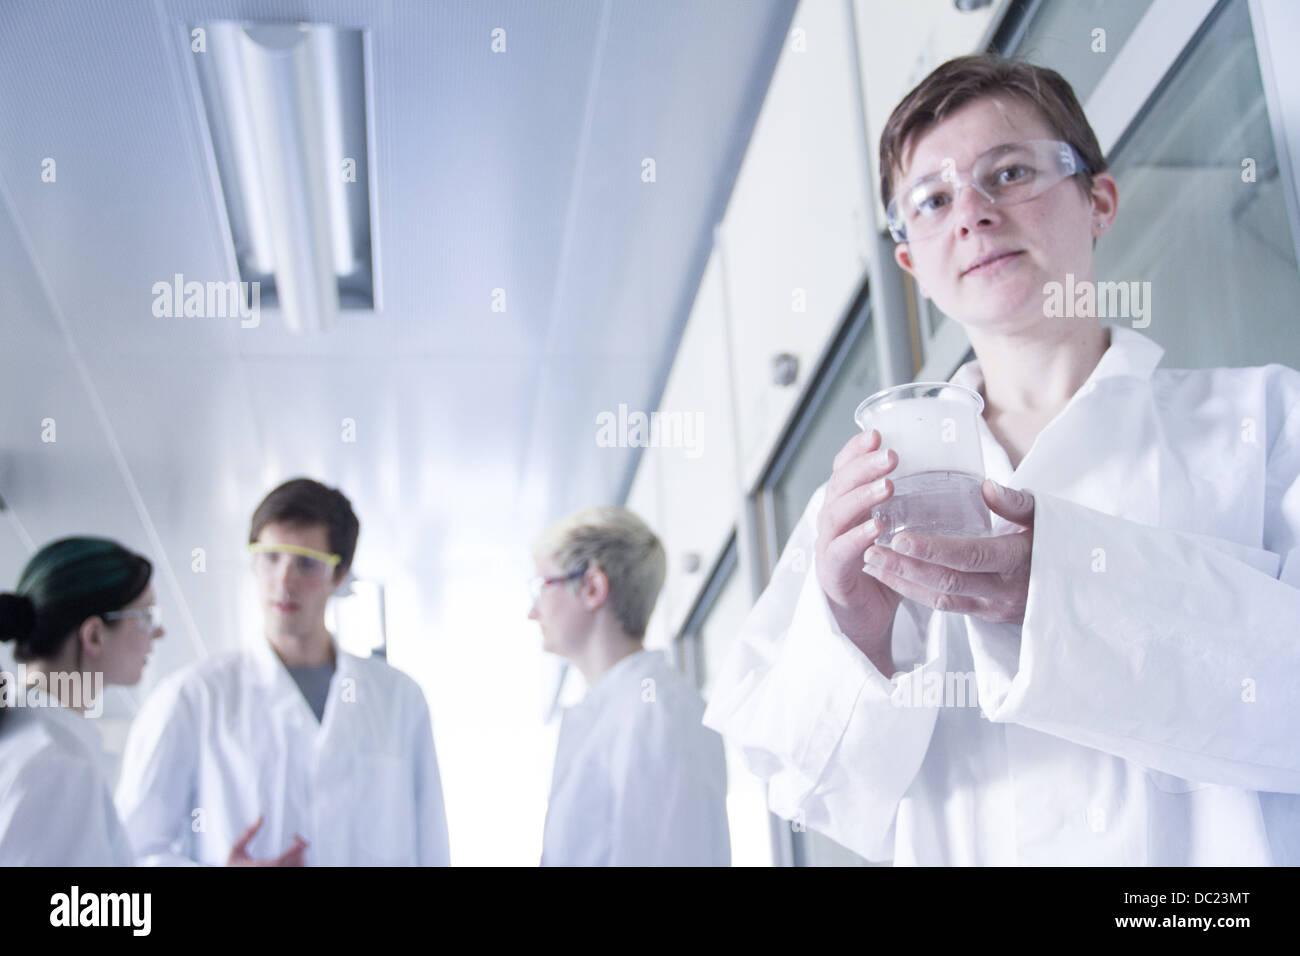 Chemie-Studenten mit Becher in Labor, Porträt Stockfoto